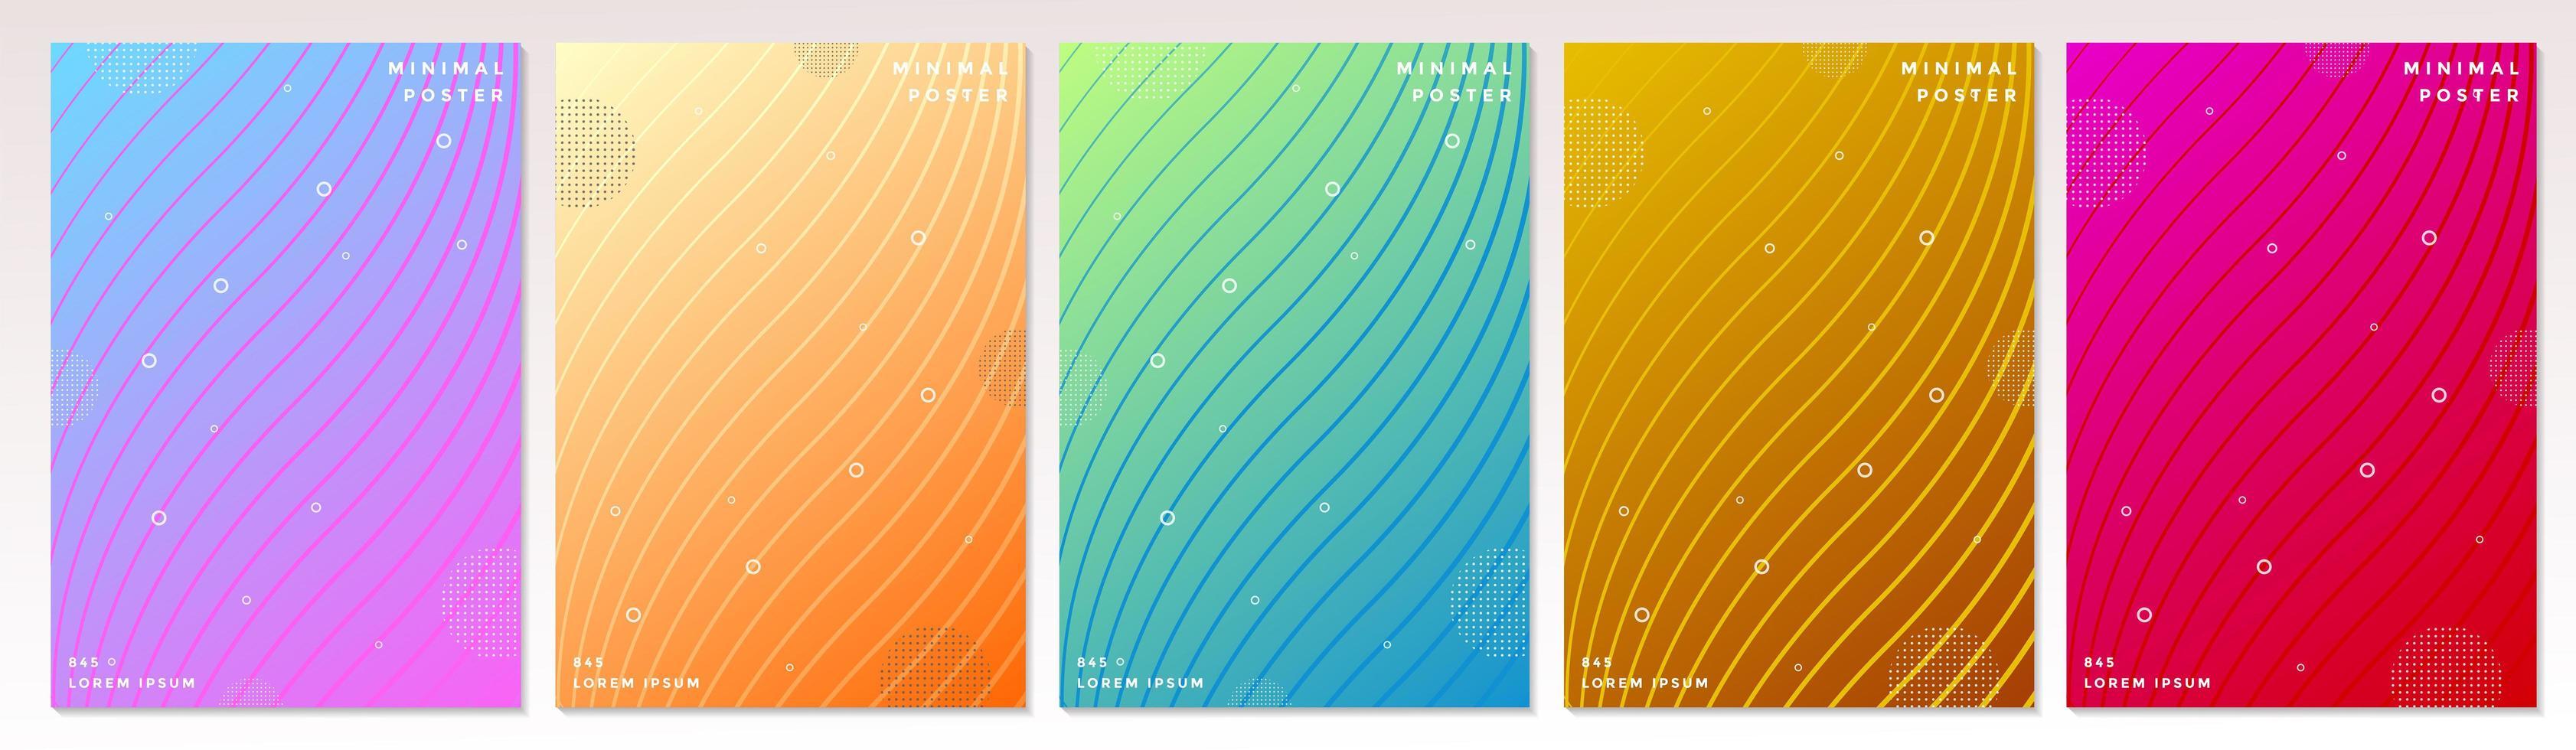 abstrait minimal coloré coloré couvertures vecteur